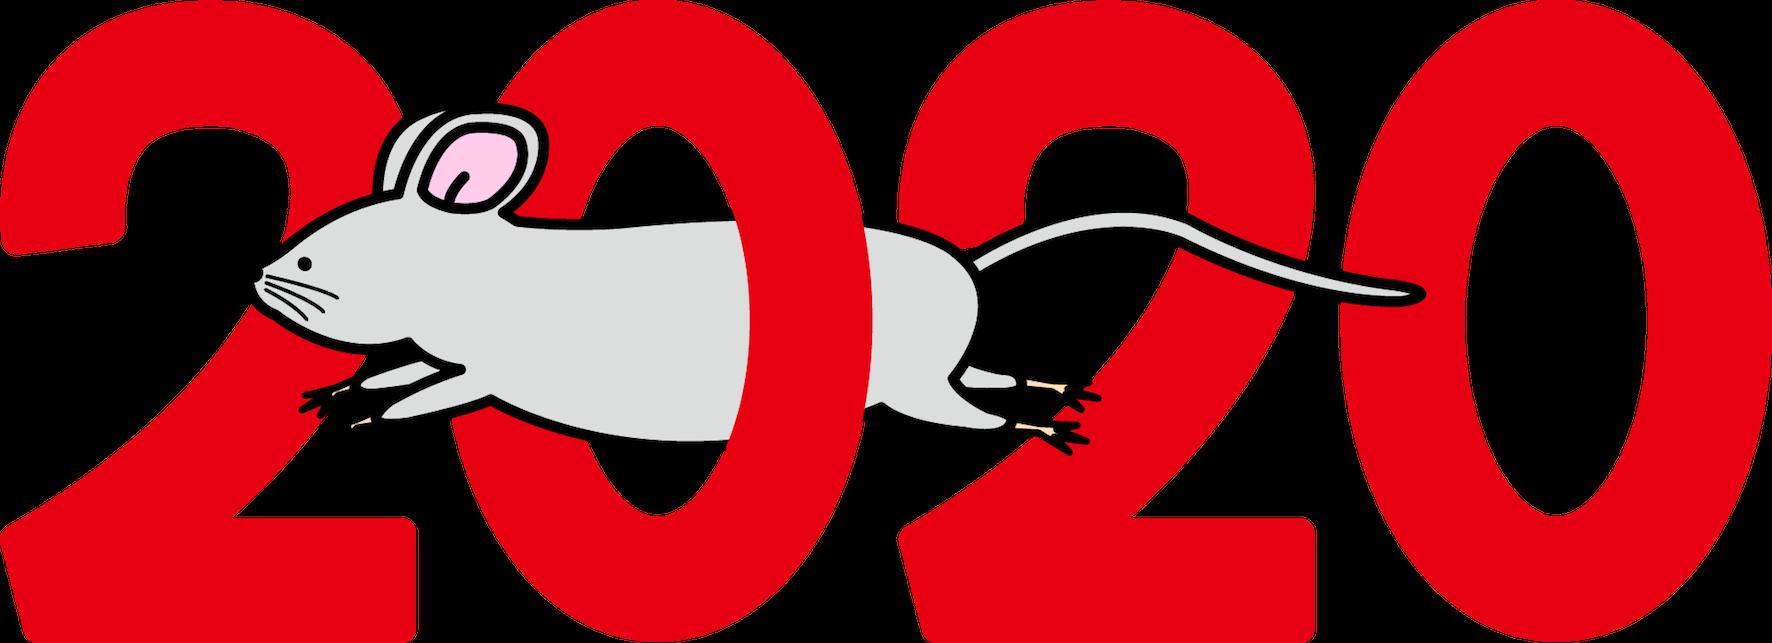 2020年をジャンプする可愛いねずみイラスト【年賀状素材】